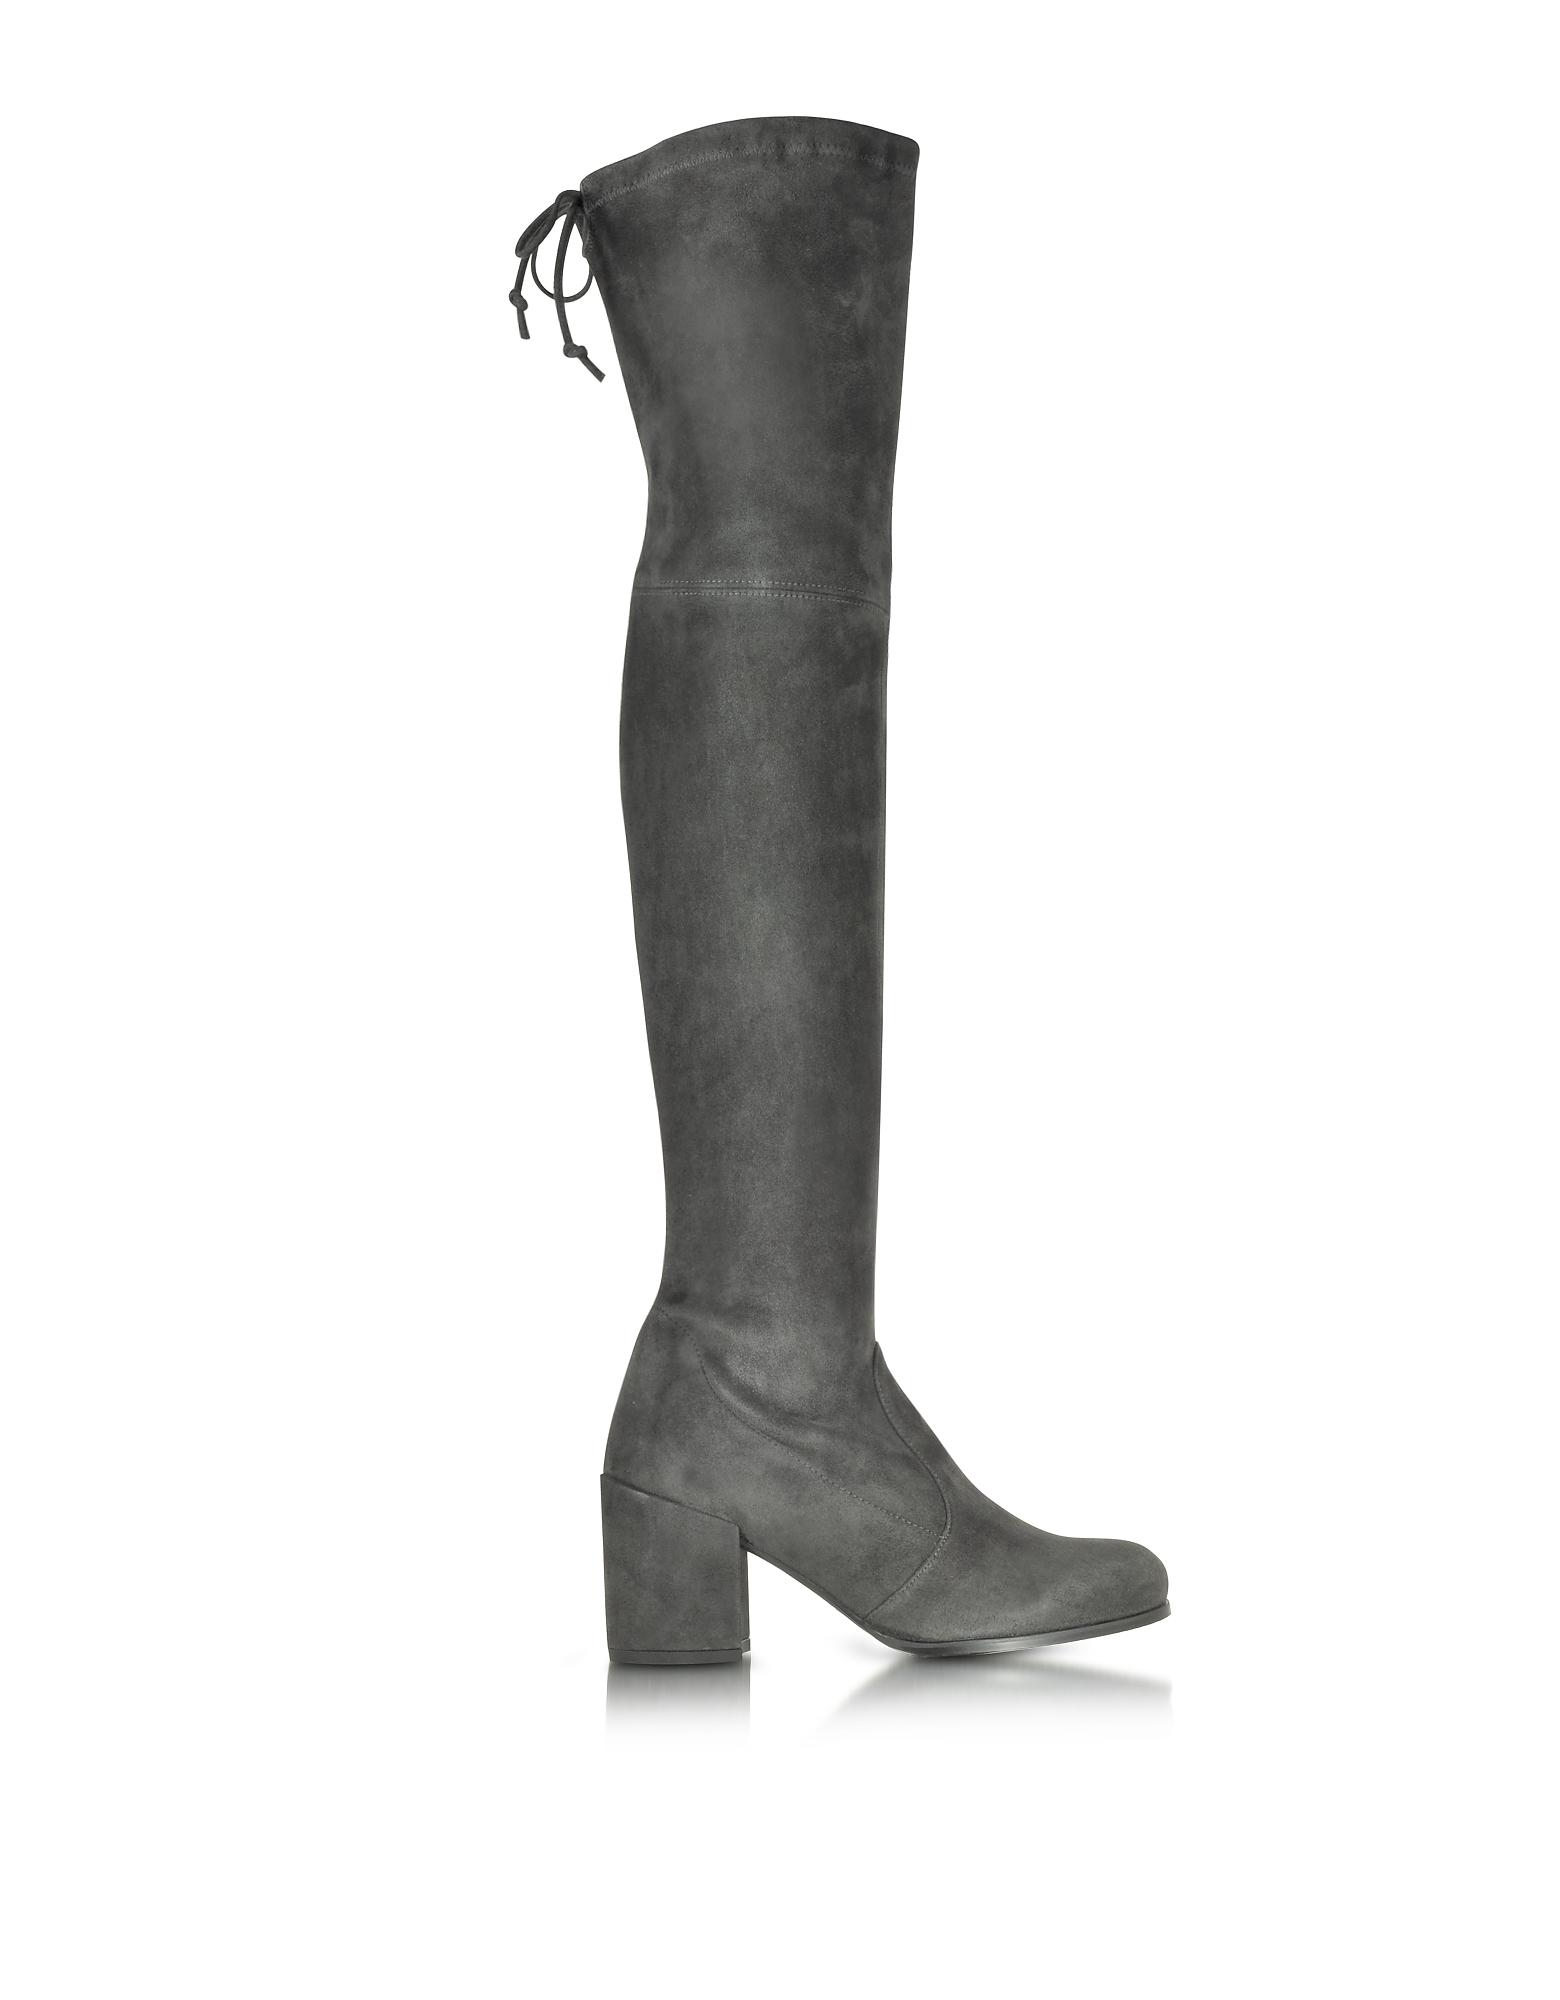 Stuart Weitzman Shoes, Tieland Asphalt Suede Boots